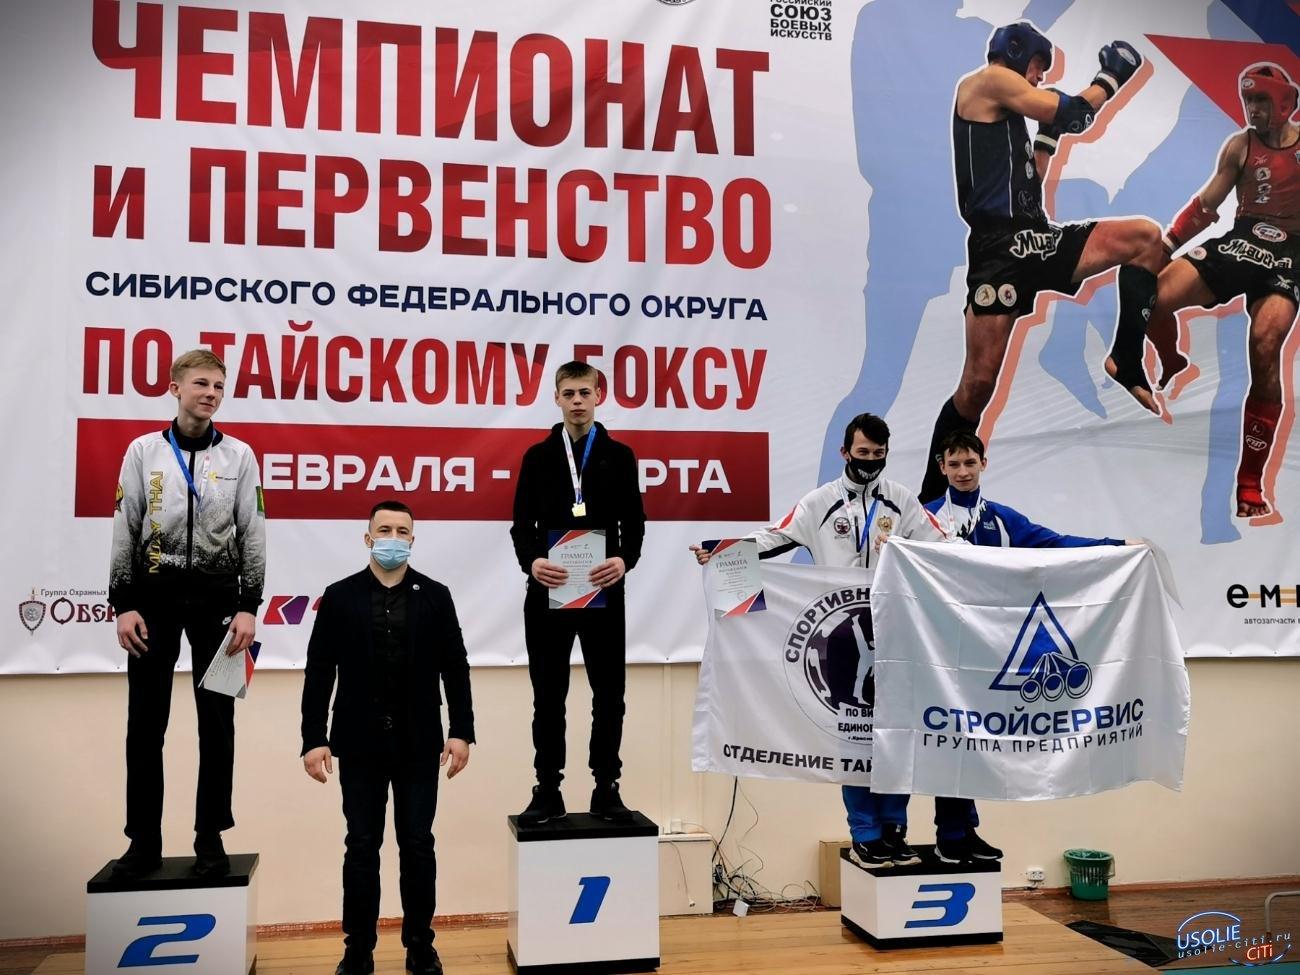 Усольчане выступили на первенстве Сибирского федерального округа по тайскому боксу